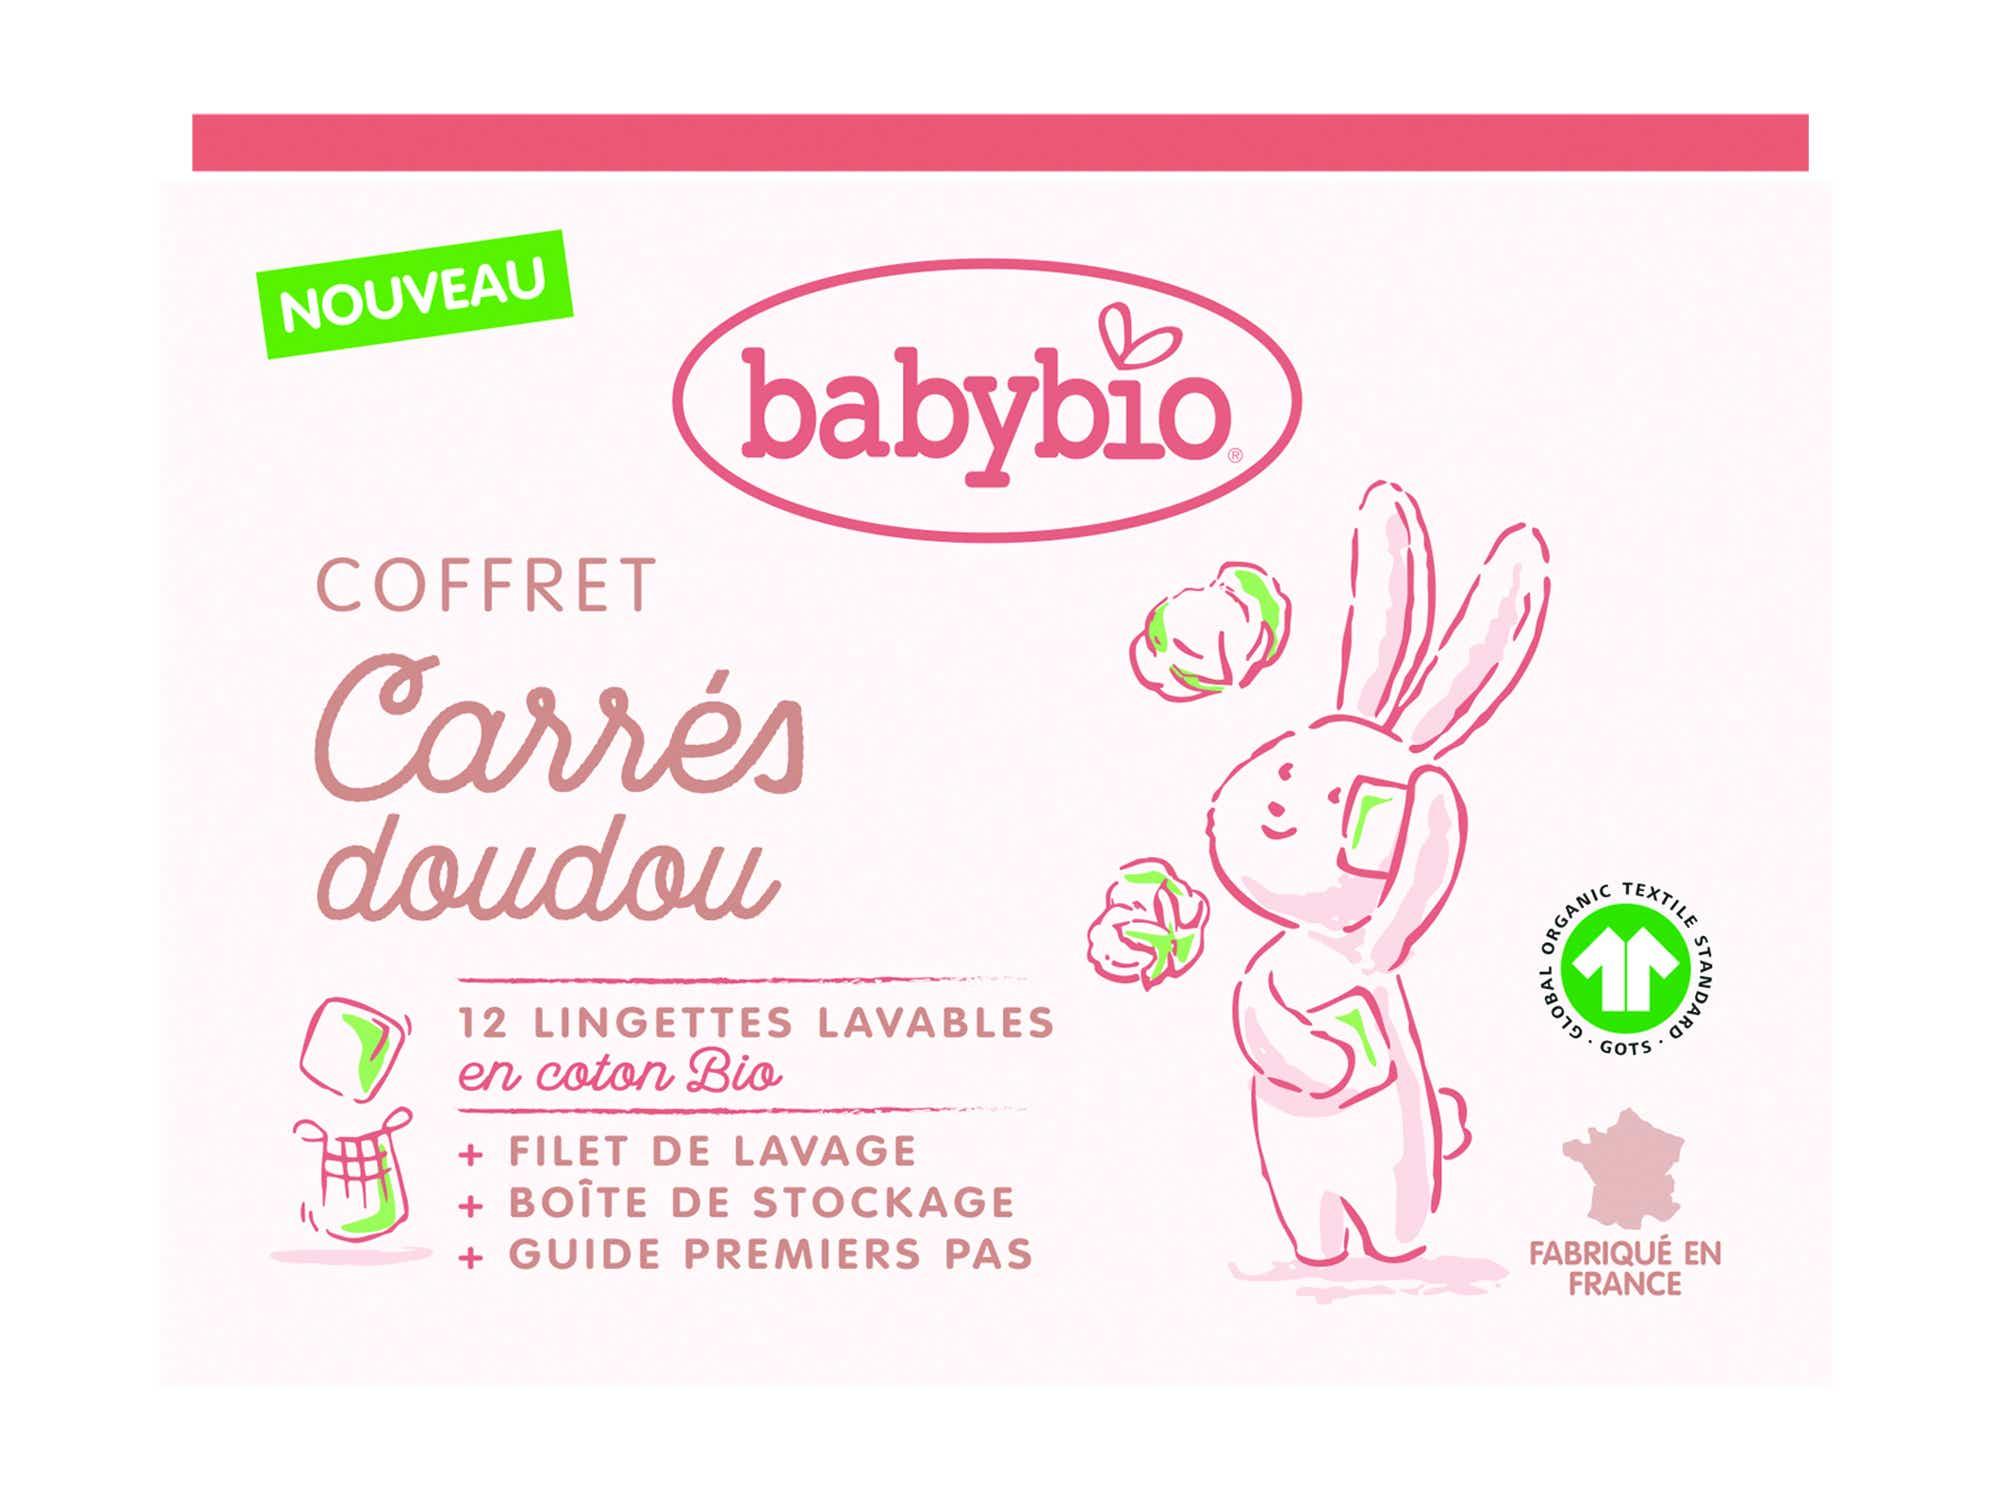 BABYBIO Coffret Carrés Doudou Bio, 12 lingettes Lavables + Filet de Lavage